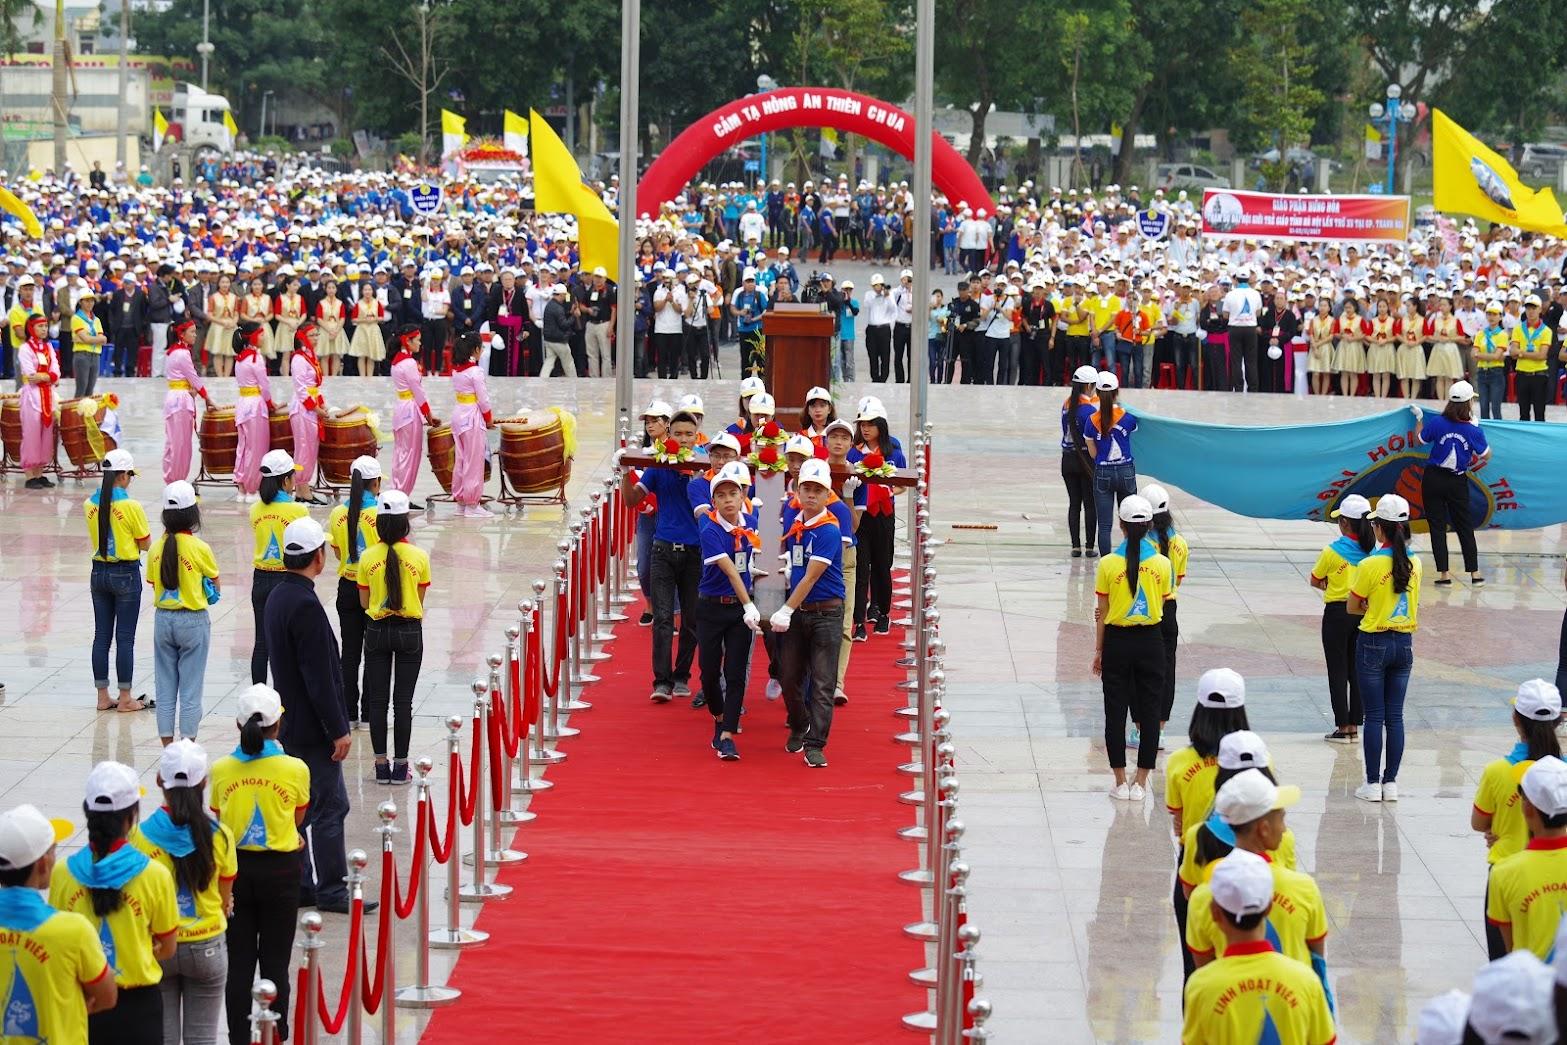 Những hình ảnh đẹp về lễ khai mạc Đại Hội Giới Trẻ giáo tỉnh Hà Nội lần thứ XV tại Thanh Hóa - Ảnh minh hoạ 33